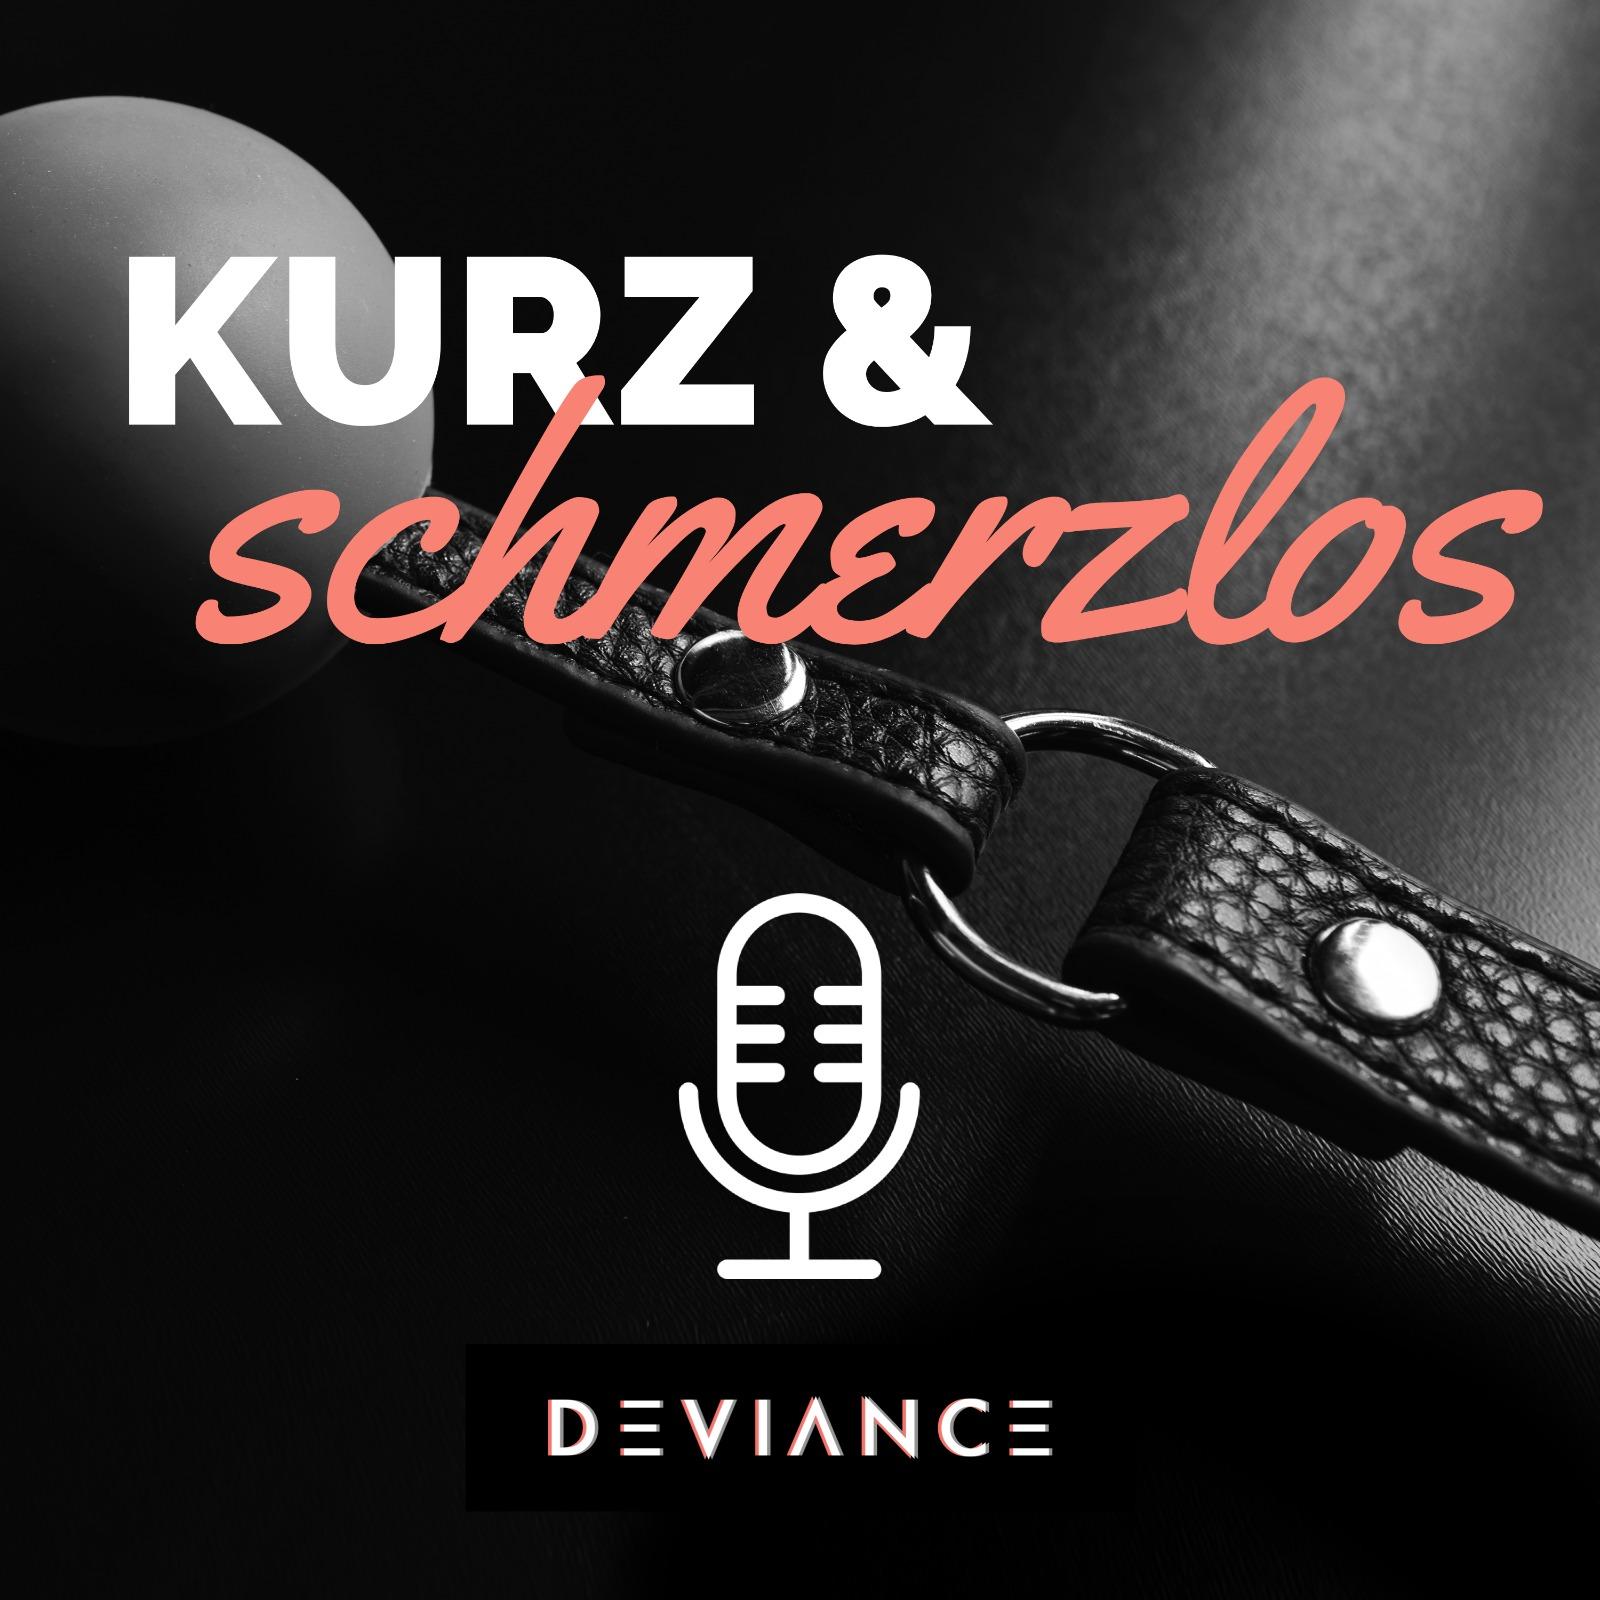 Kurz & Schmerzlos